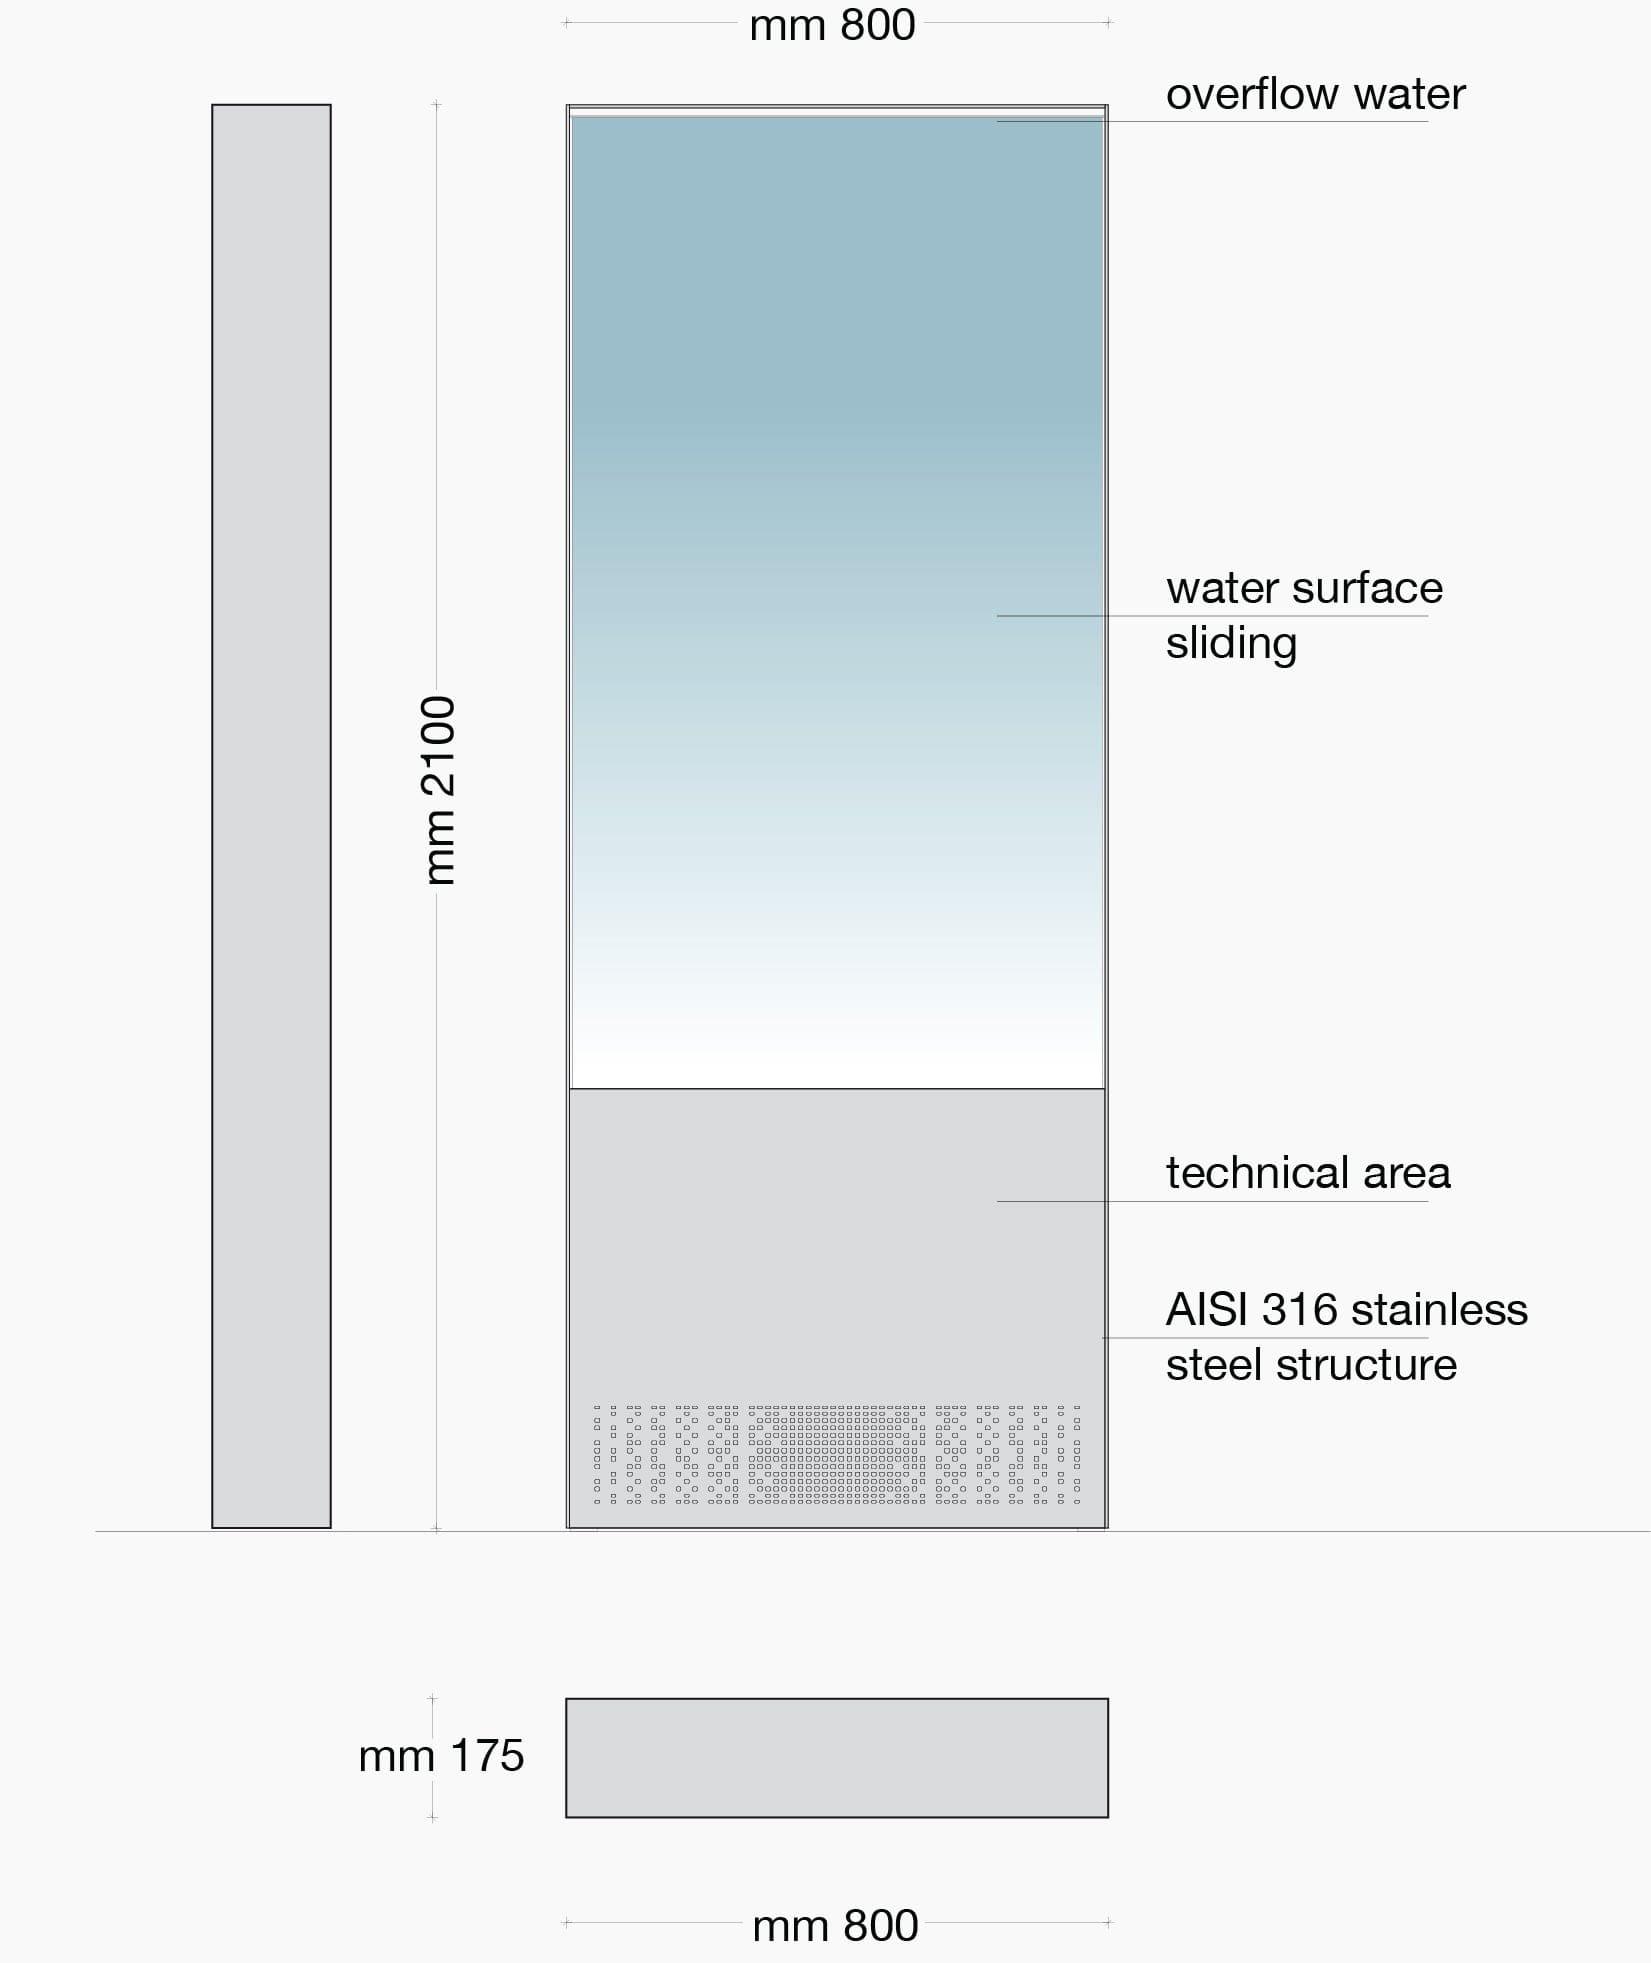 forme-dacqua-le-sirene-fontana-interno-disegno-tecnico-en